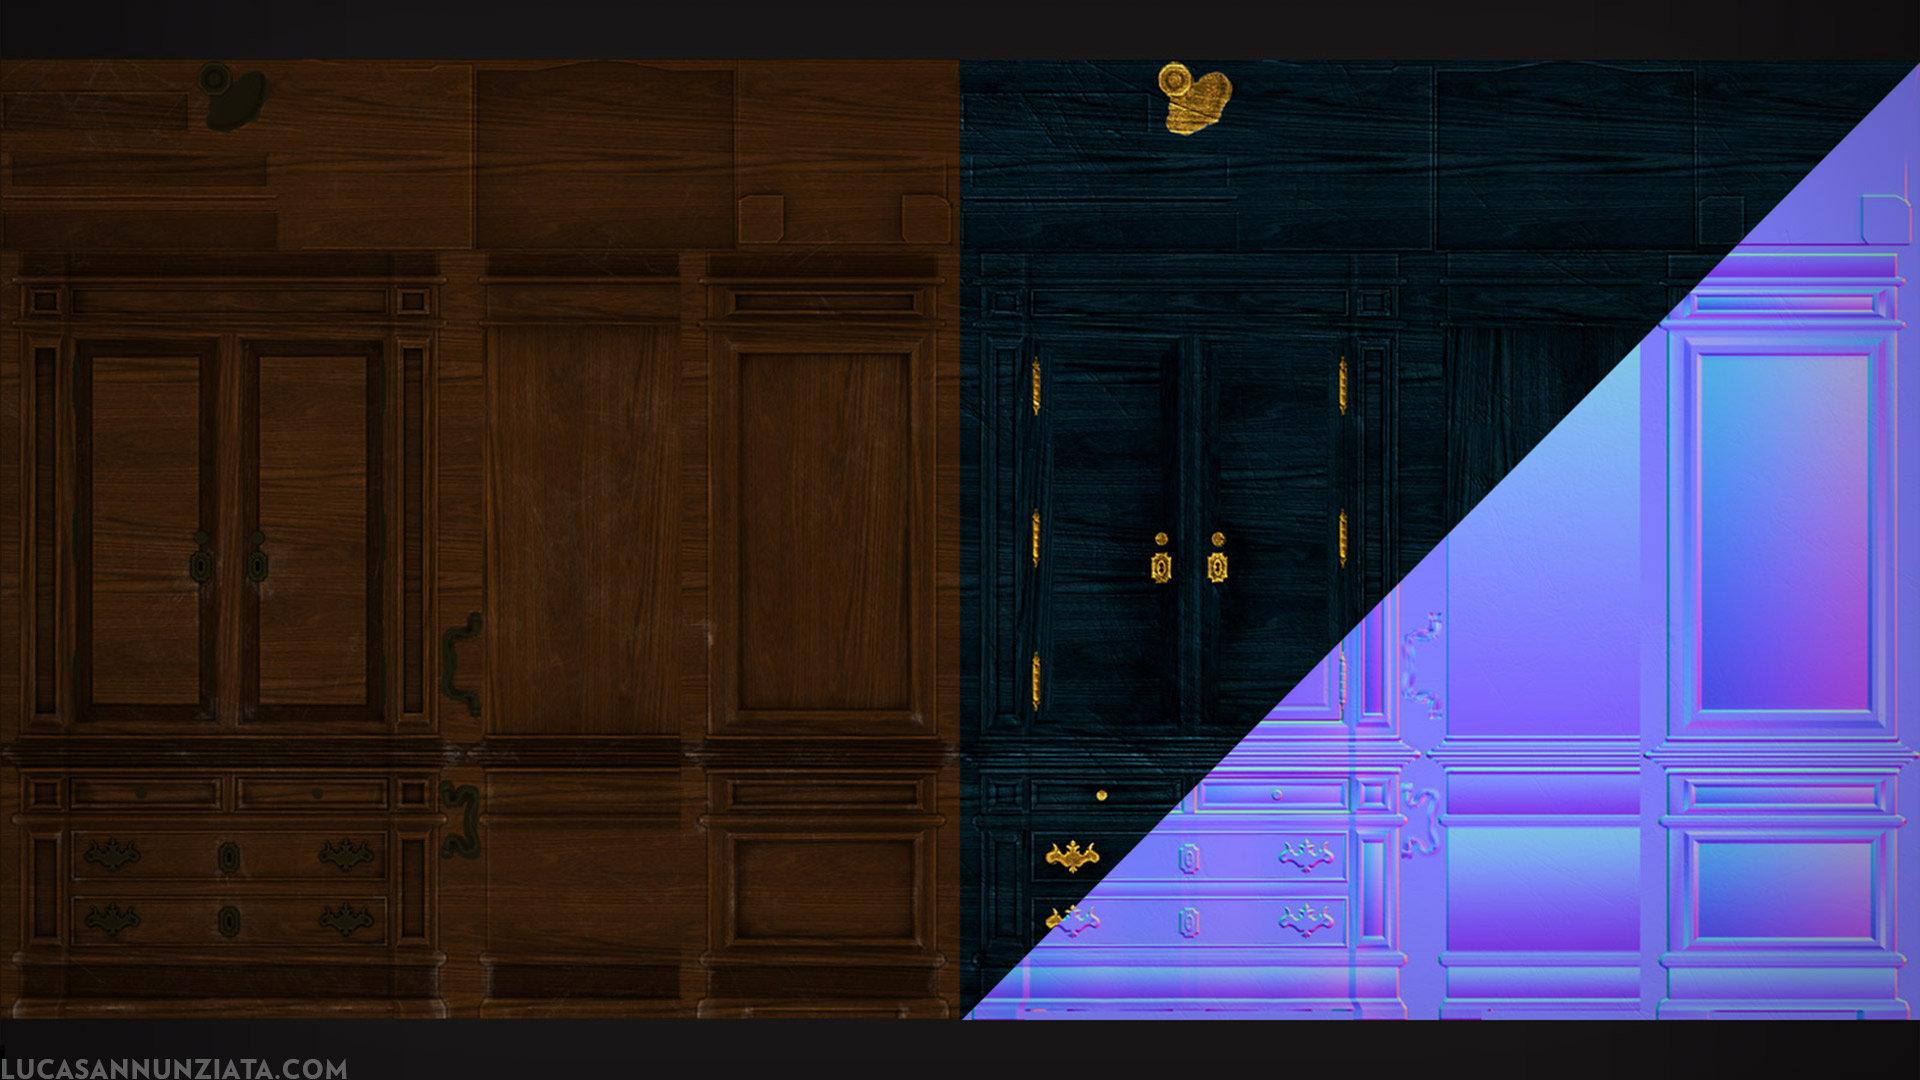 Lucas annunziata armoire texture